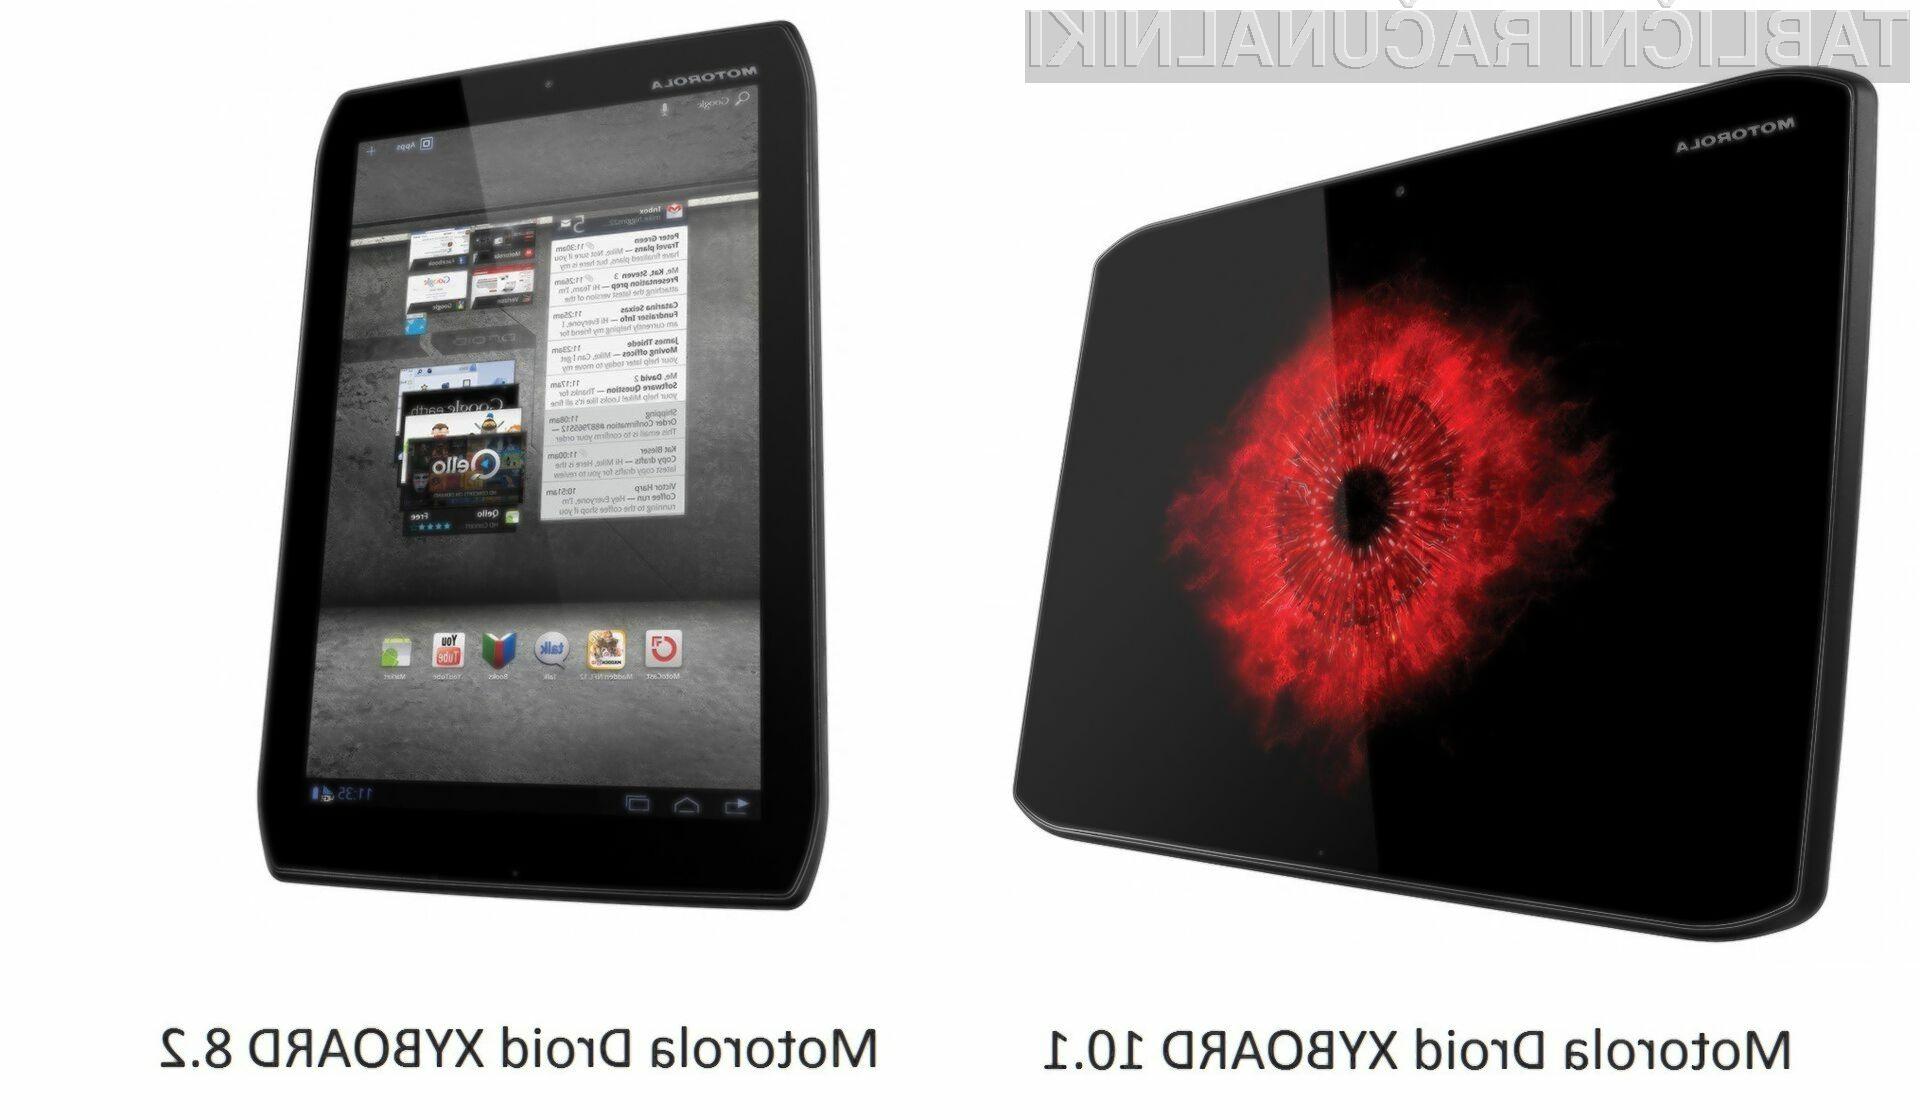 Nova tablična računalnika Xyboards v dveh velikostih zaslona 10.1 in 8.2 centimetra,  naj bi bistveno izboljšala prodajne rezultate predhodnika Xoom.